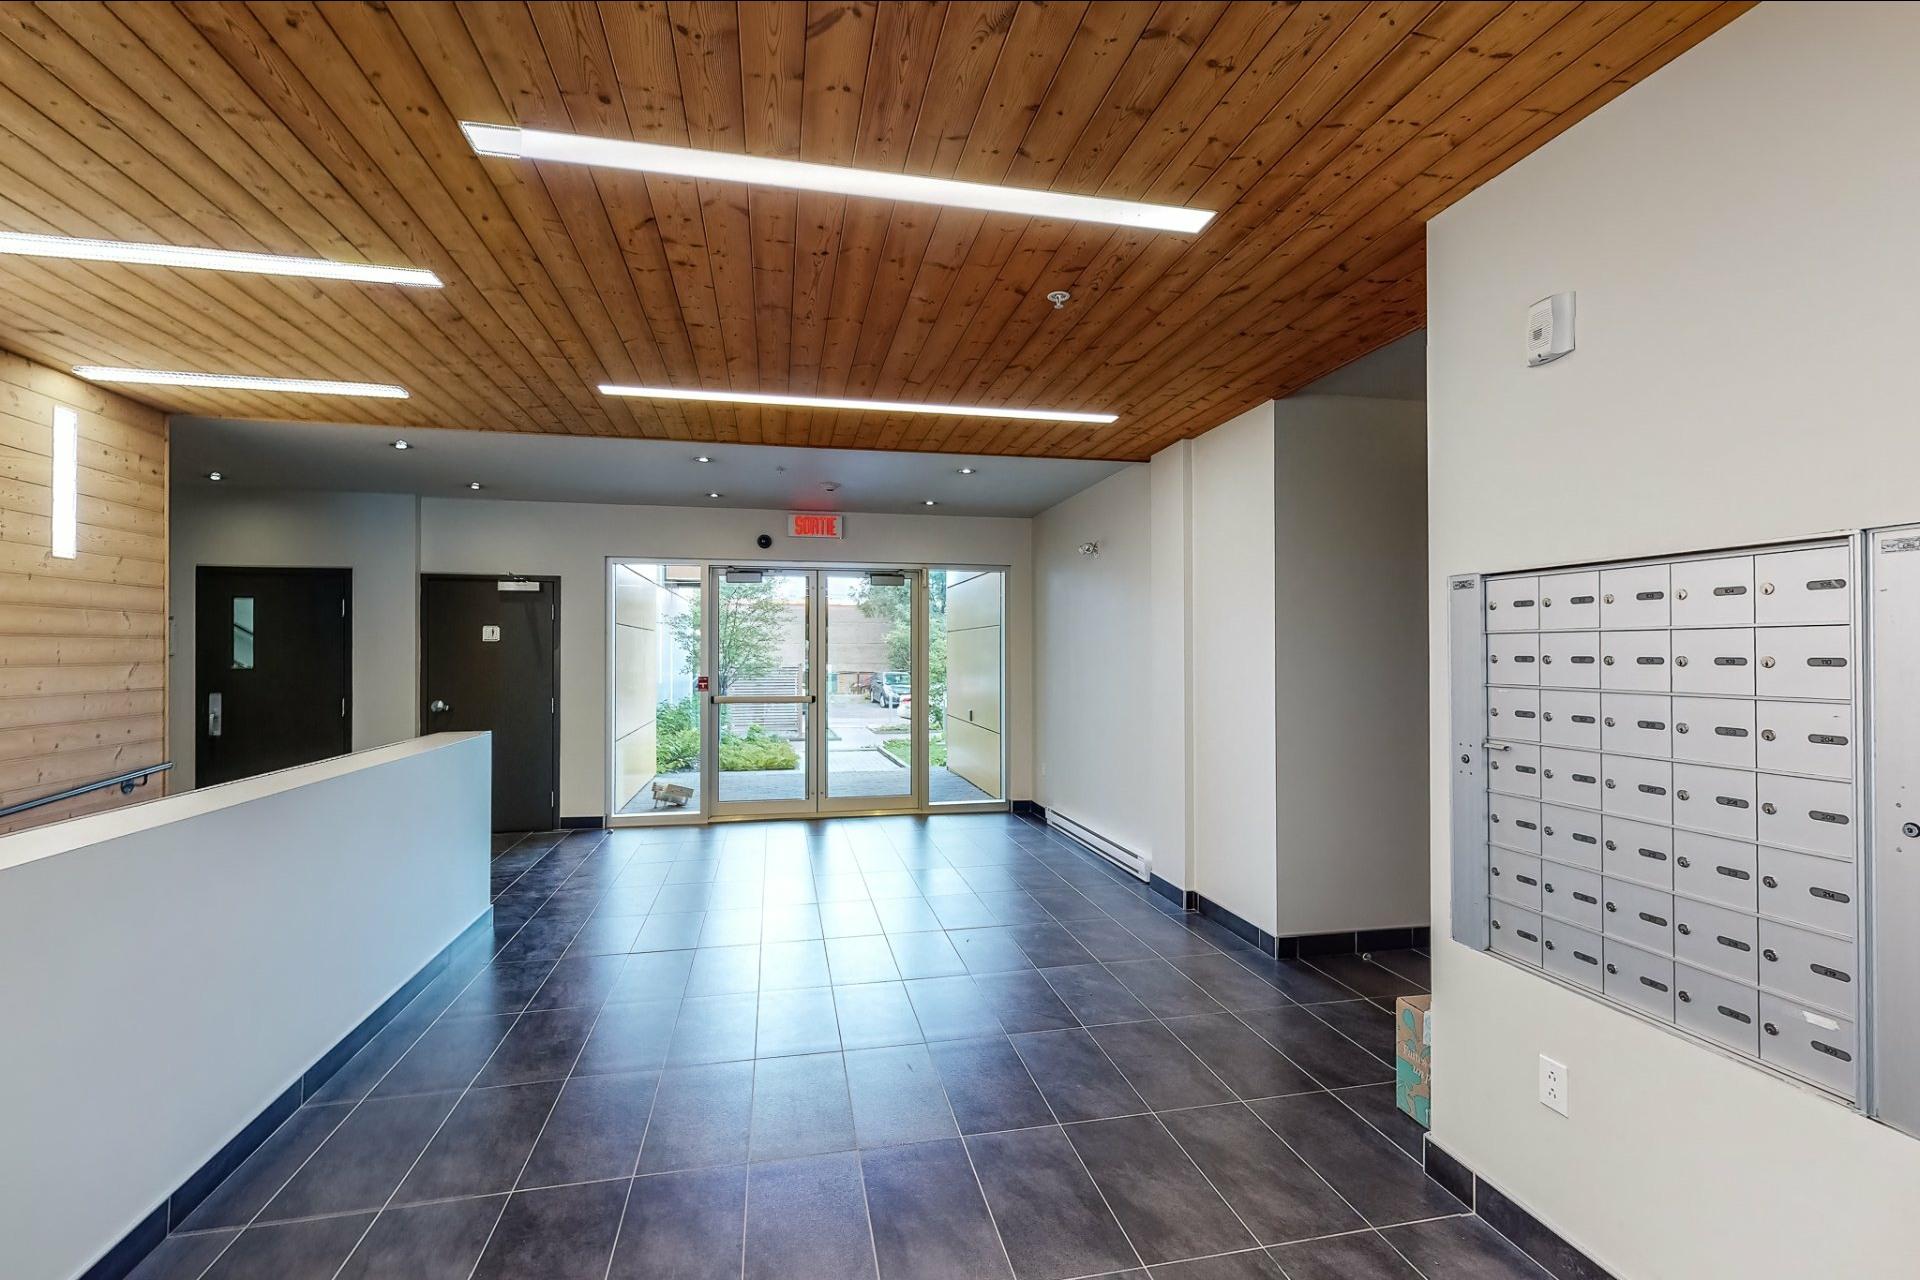 image 16 - Appartement À vendre Rosemont/La Petite-Patrie Montréal  - 3 pièces